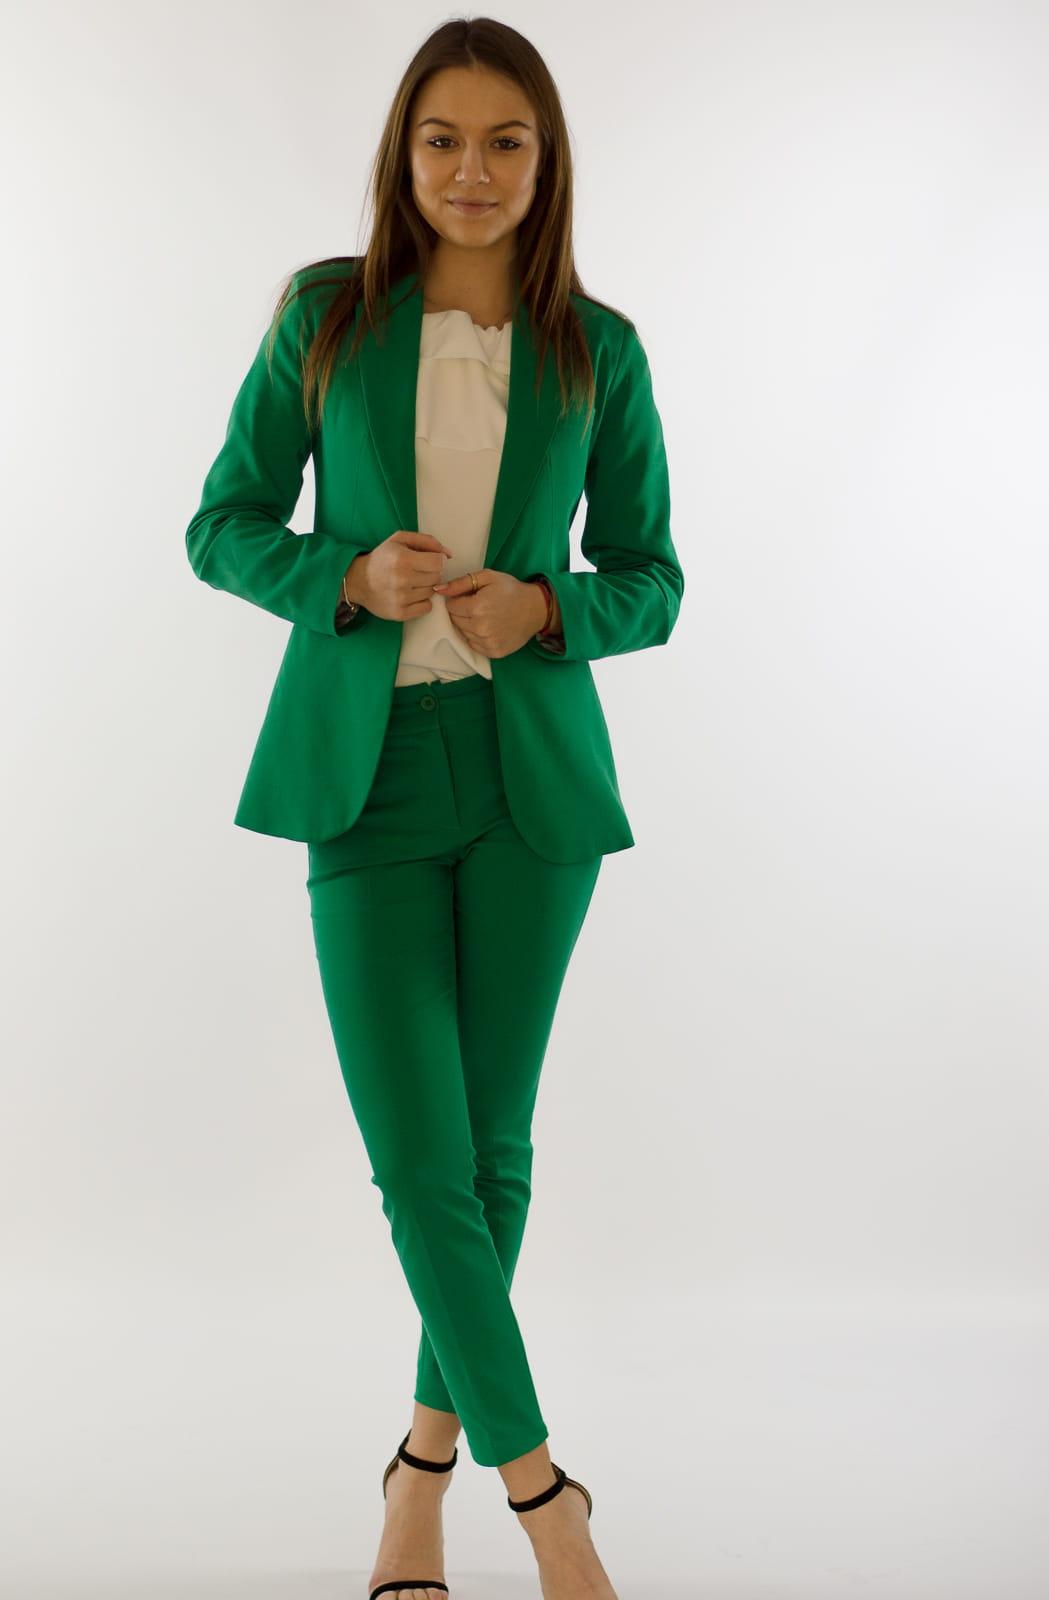 92bd8eb02057f8 Eleganckie spodnie damskie BB zielone 7/8 - Isuka. 27946_24655. promocja.  27946_24655; 27946_24656; 27946_24657; 27946_24658; 27946_24659